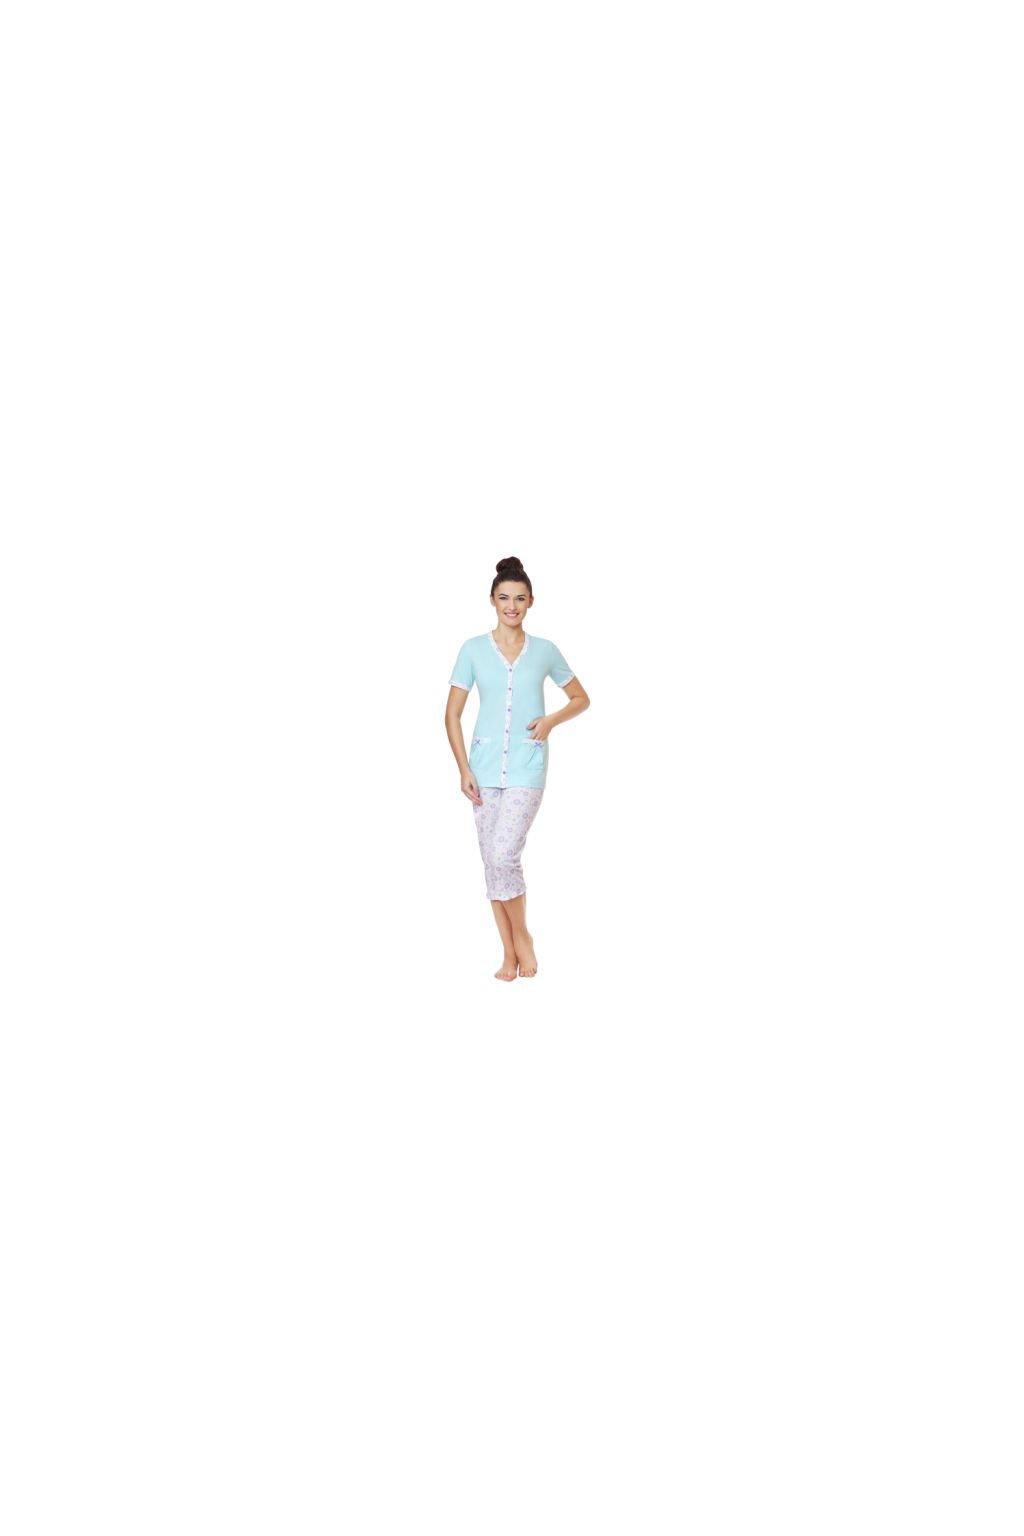 Dámské pyžamo s krátkým rukávem a 3/4 nohavicemi, 104332 16, modrá